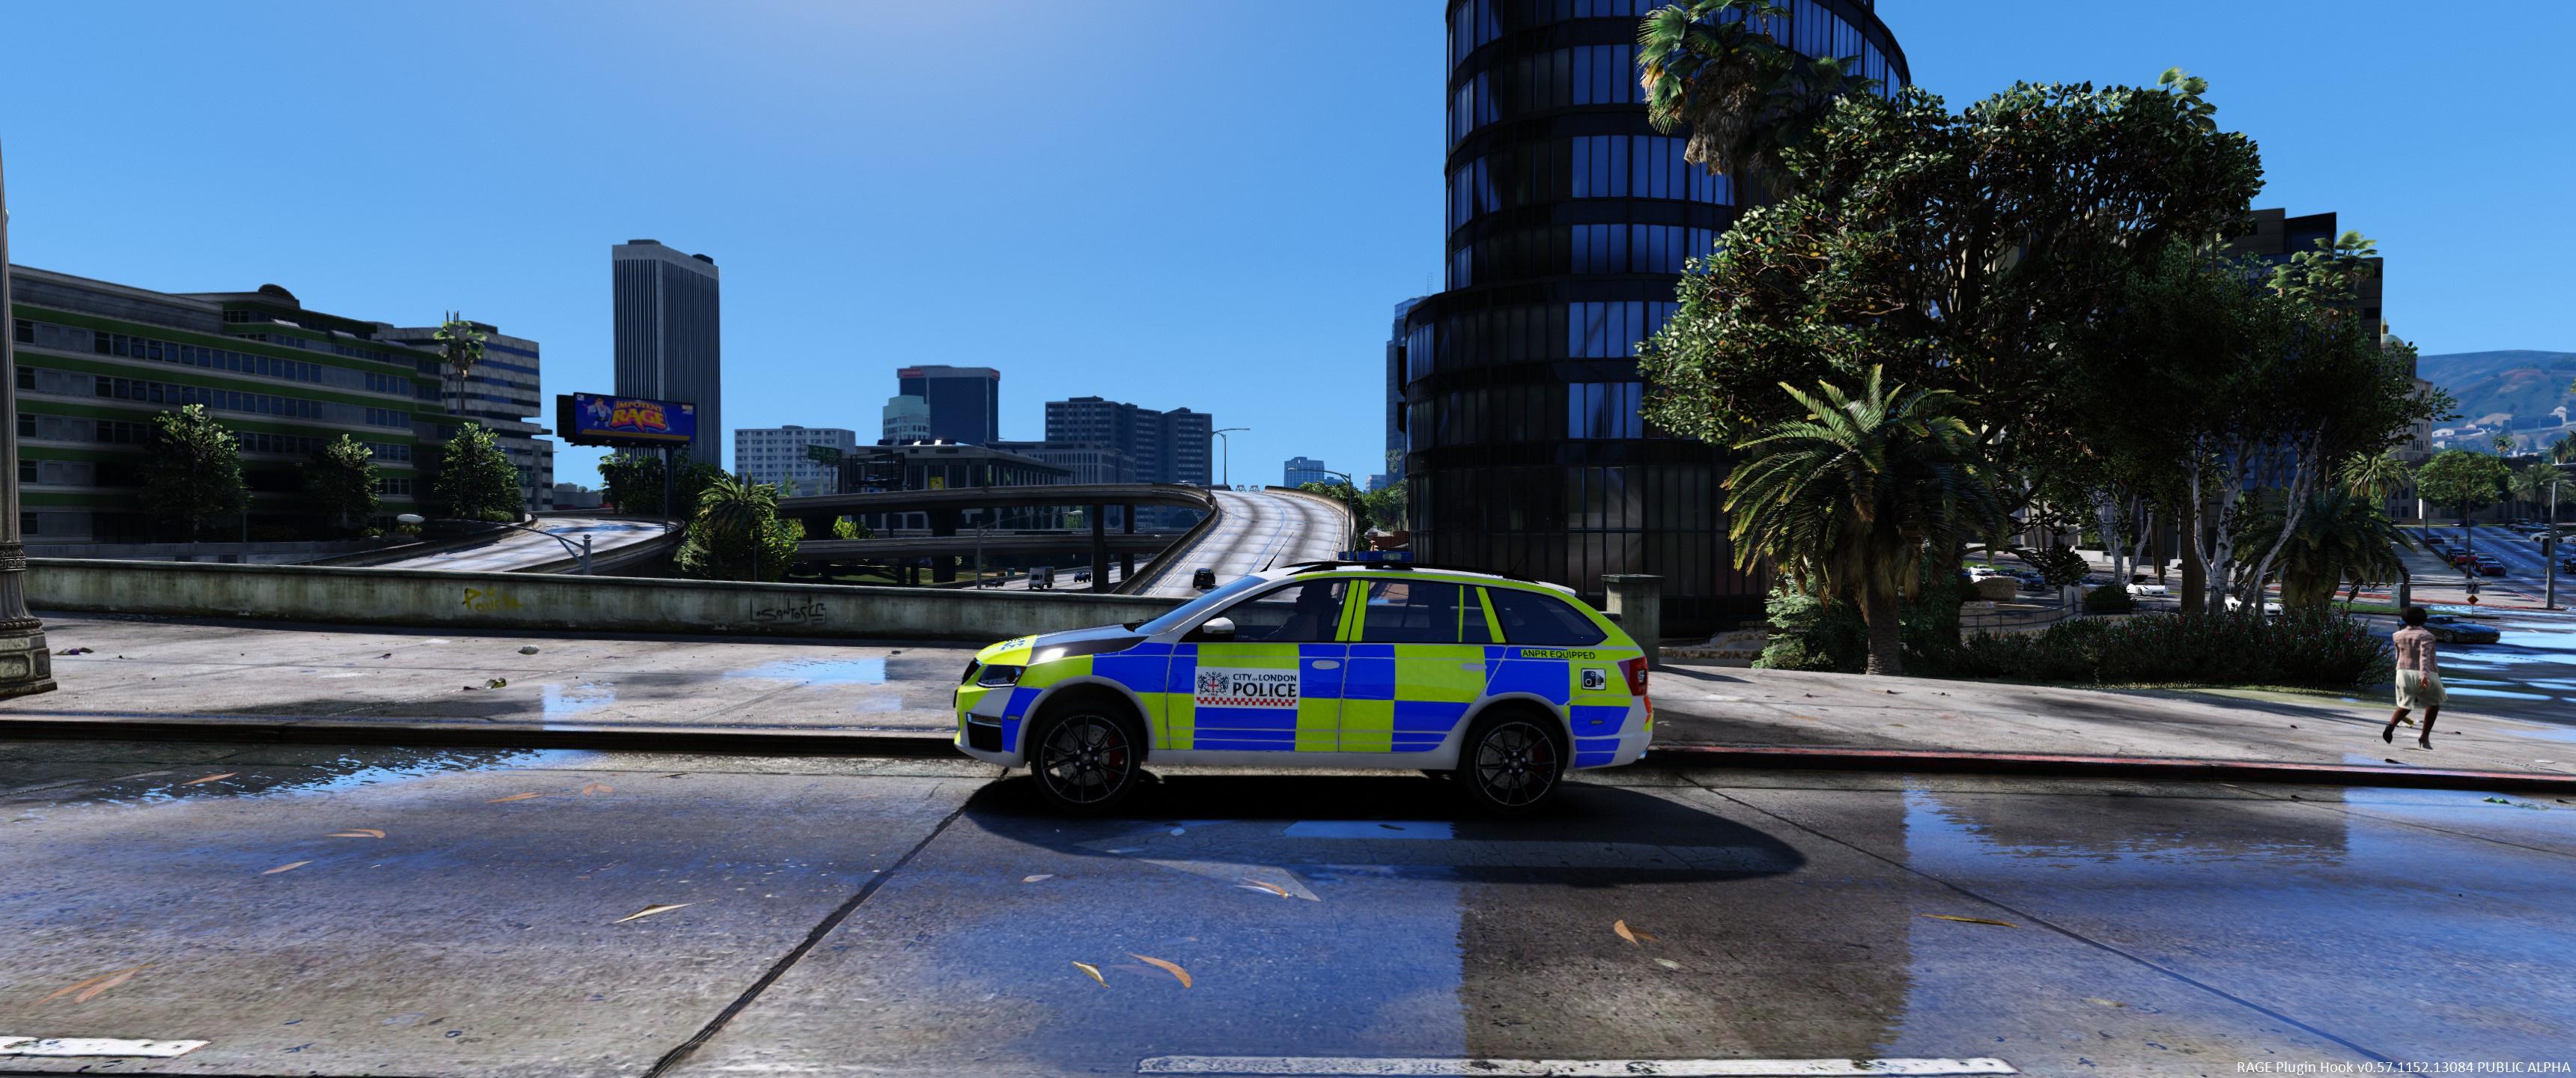 City Of London 4k Skoda Octavia Gta5 Mods Com